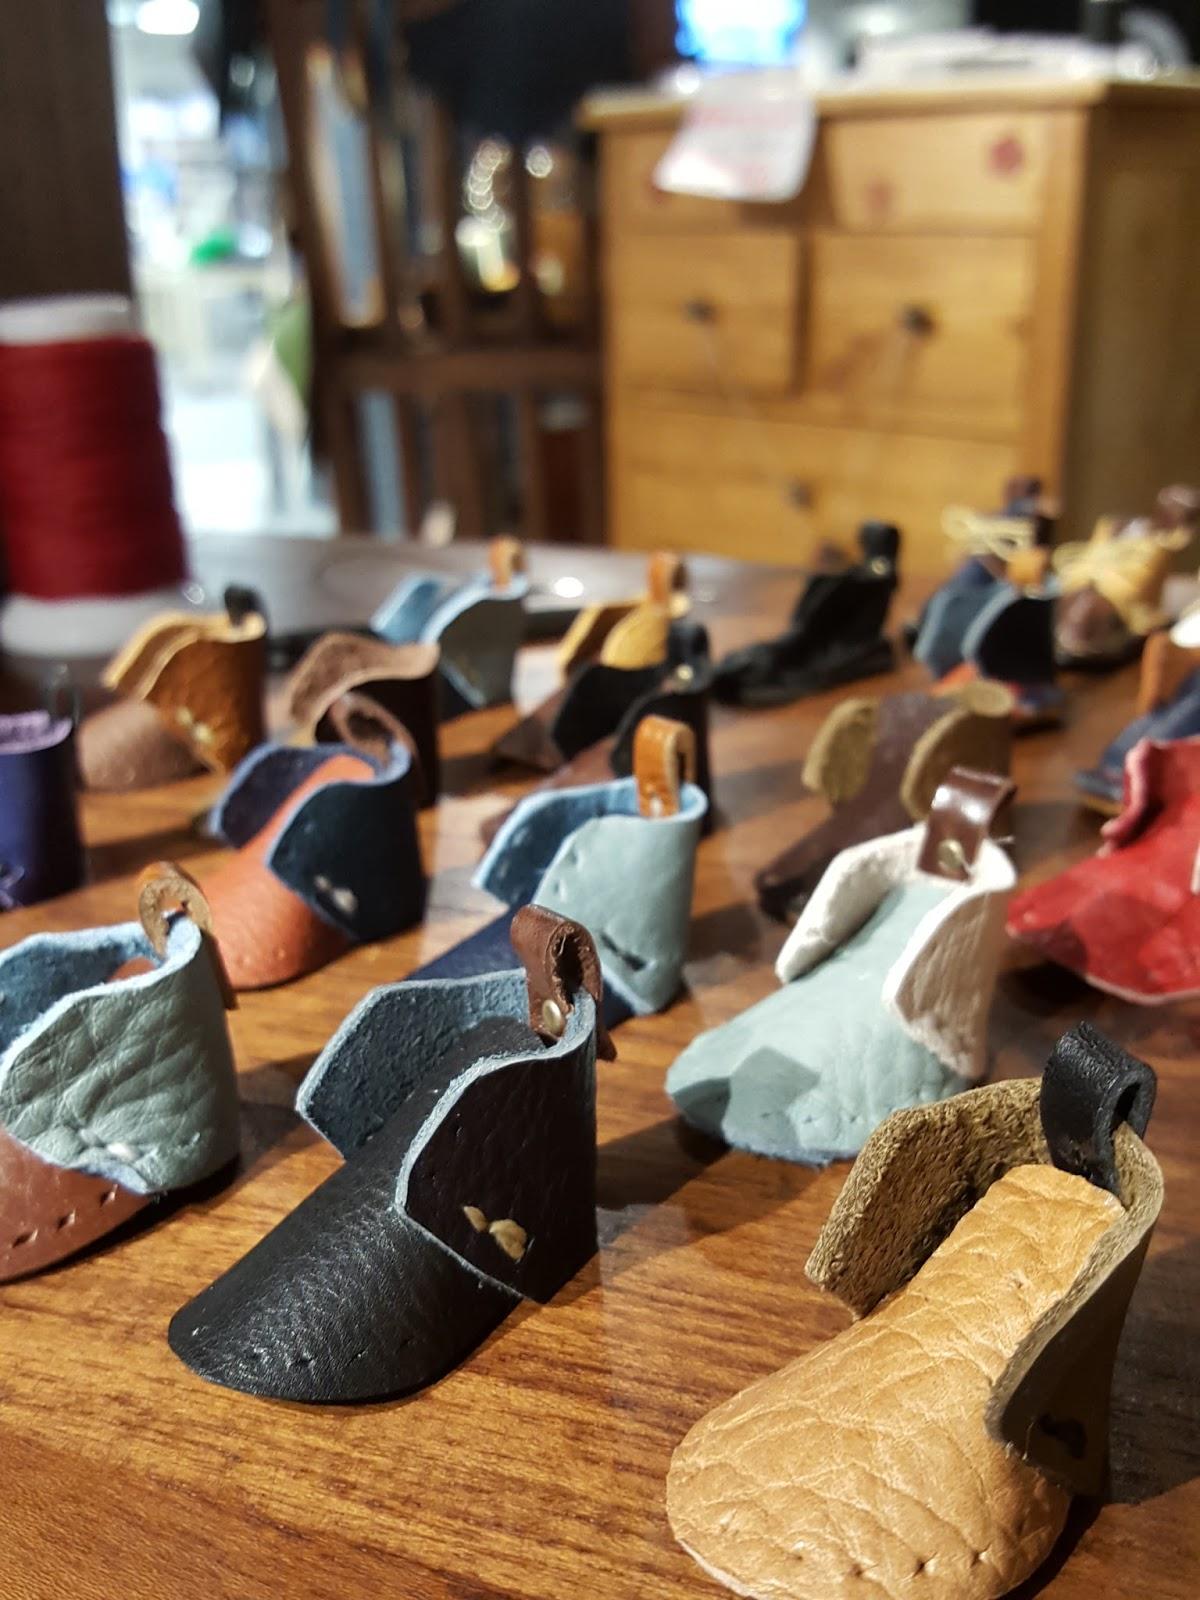 そして今回はものづくりマーケットのためにミニ靴をたくさん作りました!